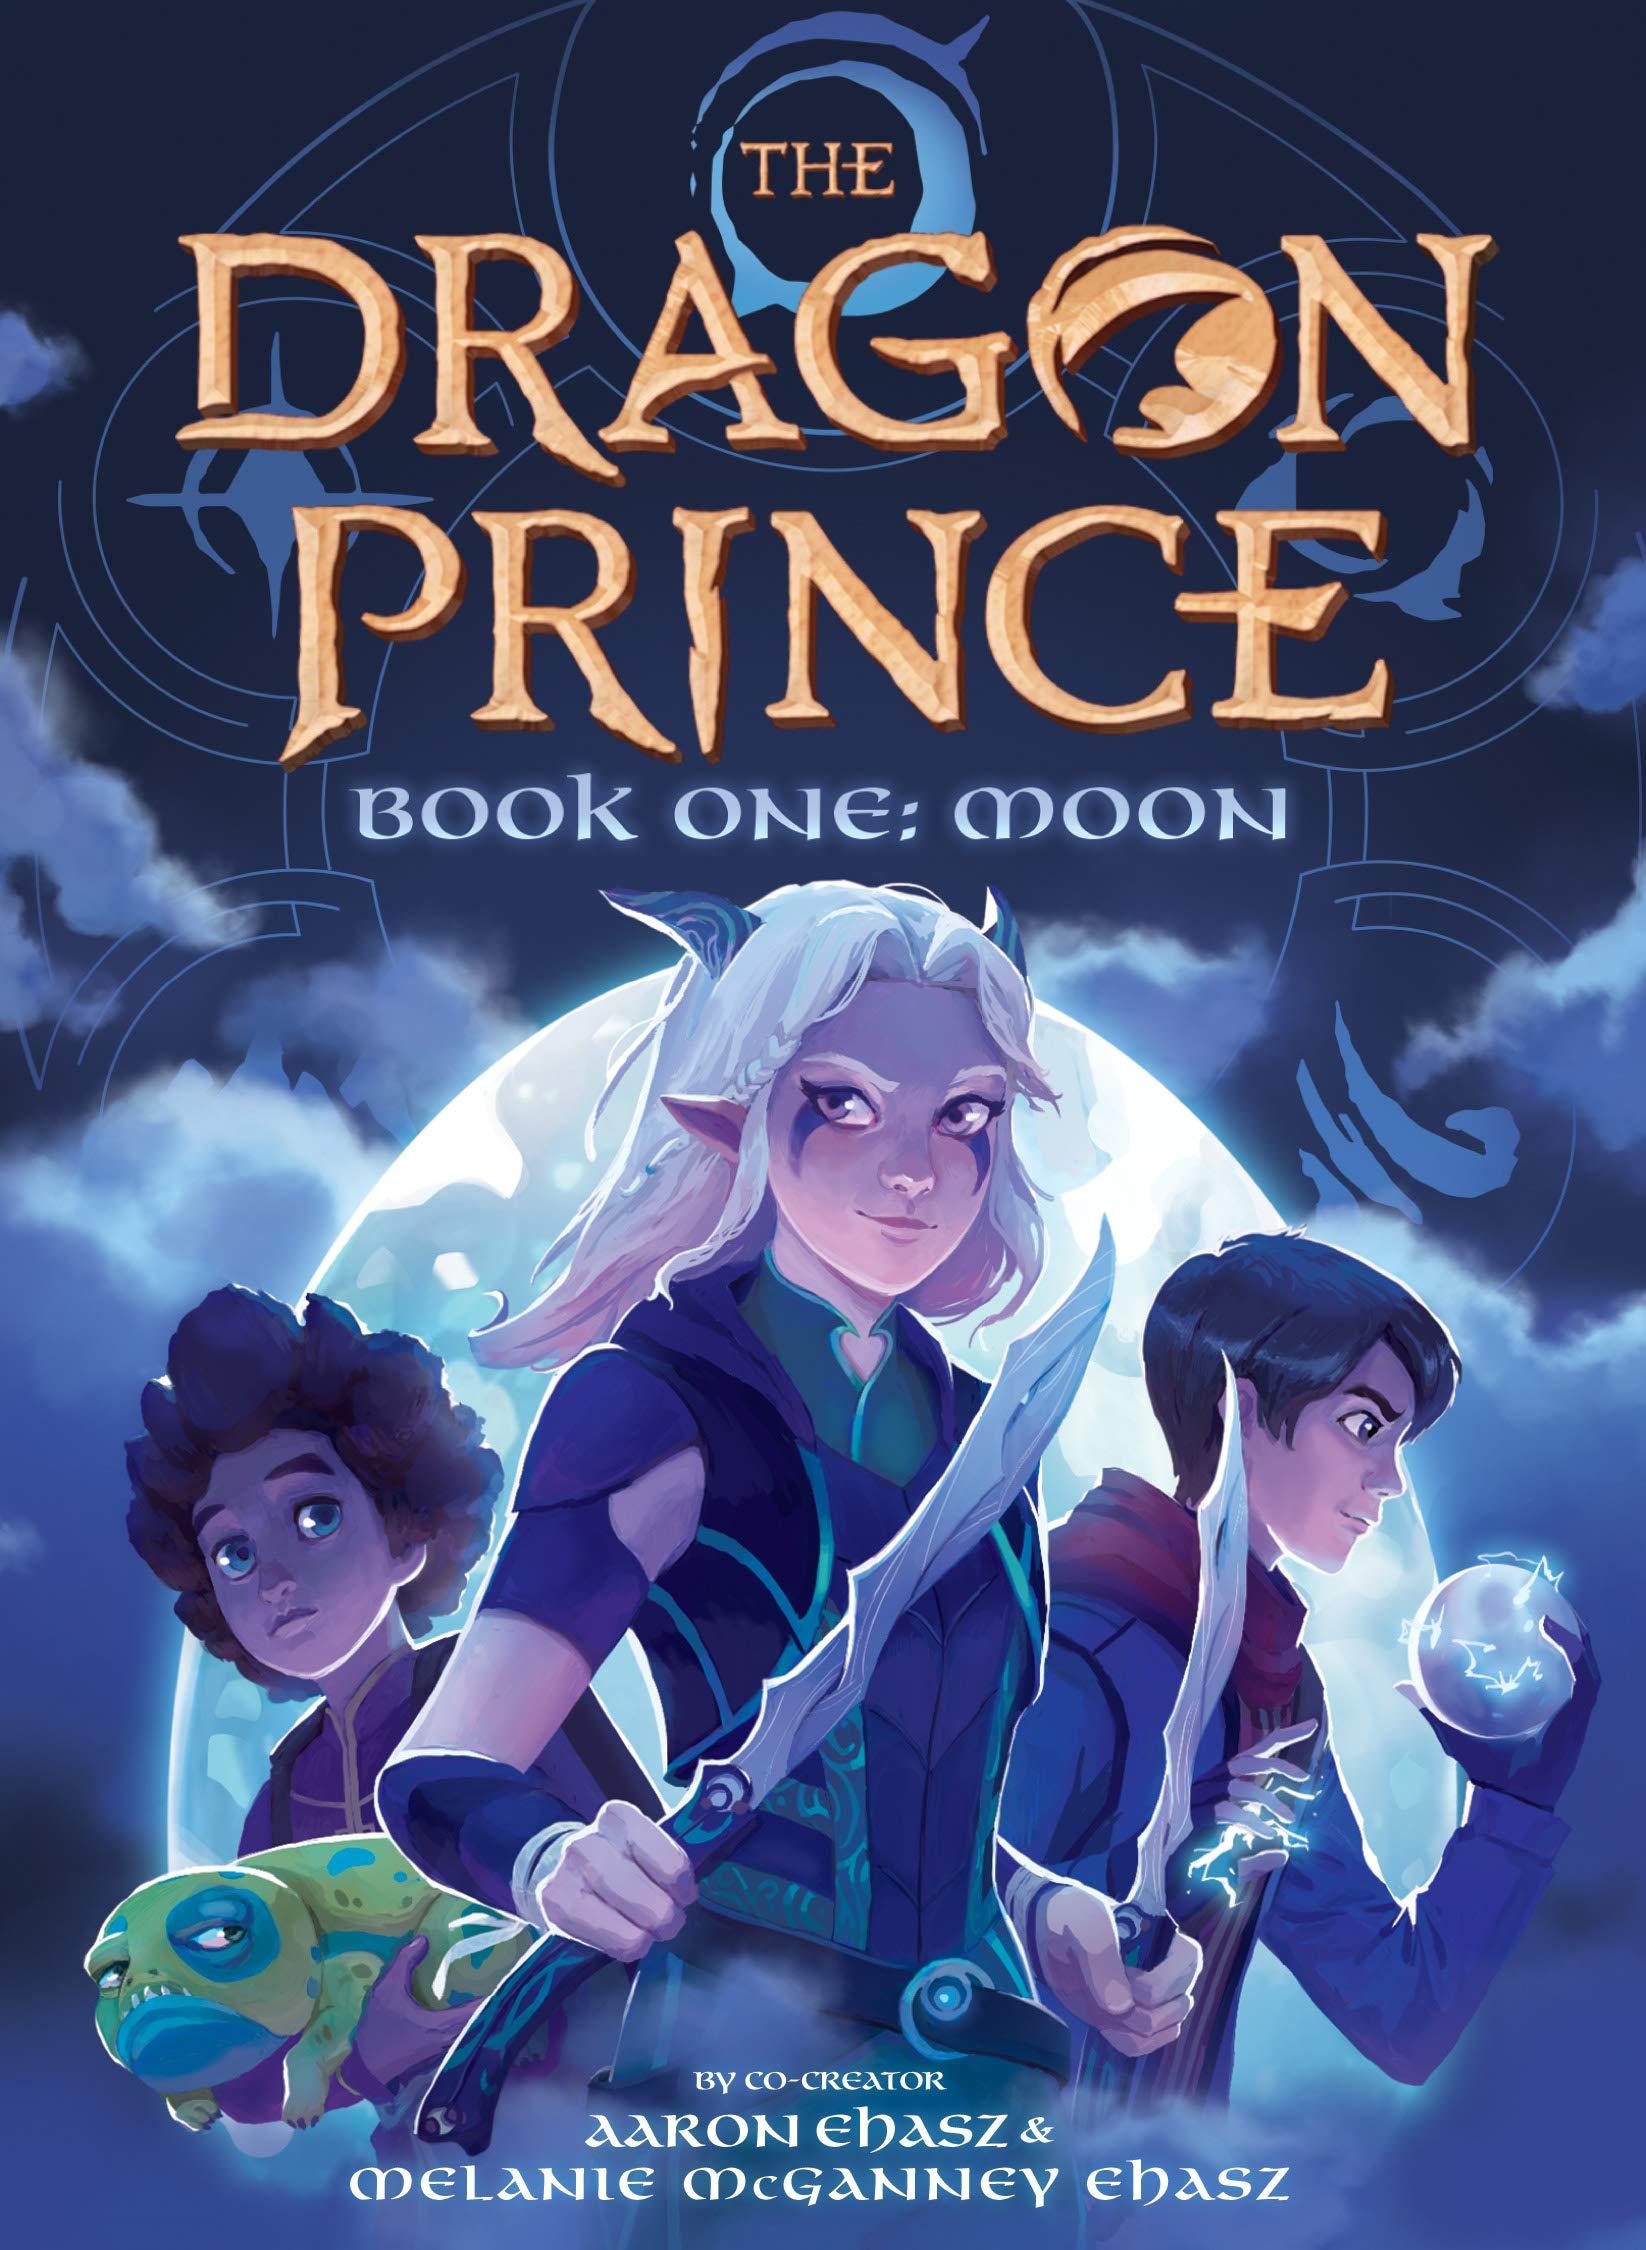 По мультсериалу «Принц-дракон» выпустили книгу. Ещё три выйдут до конца сентября